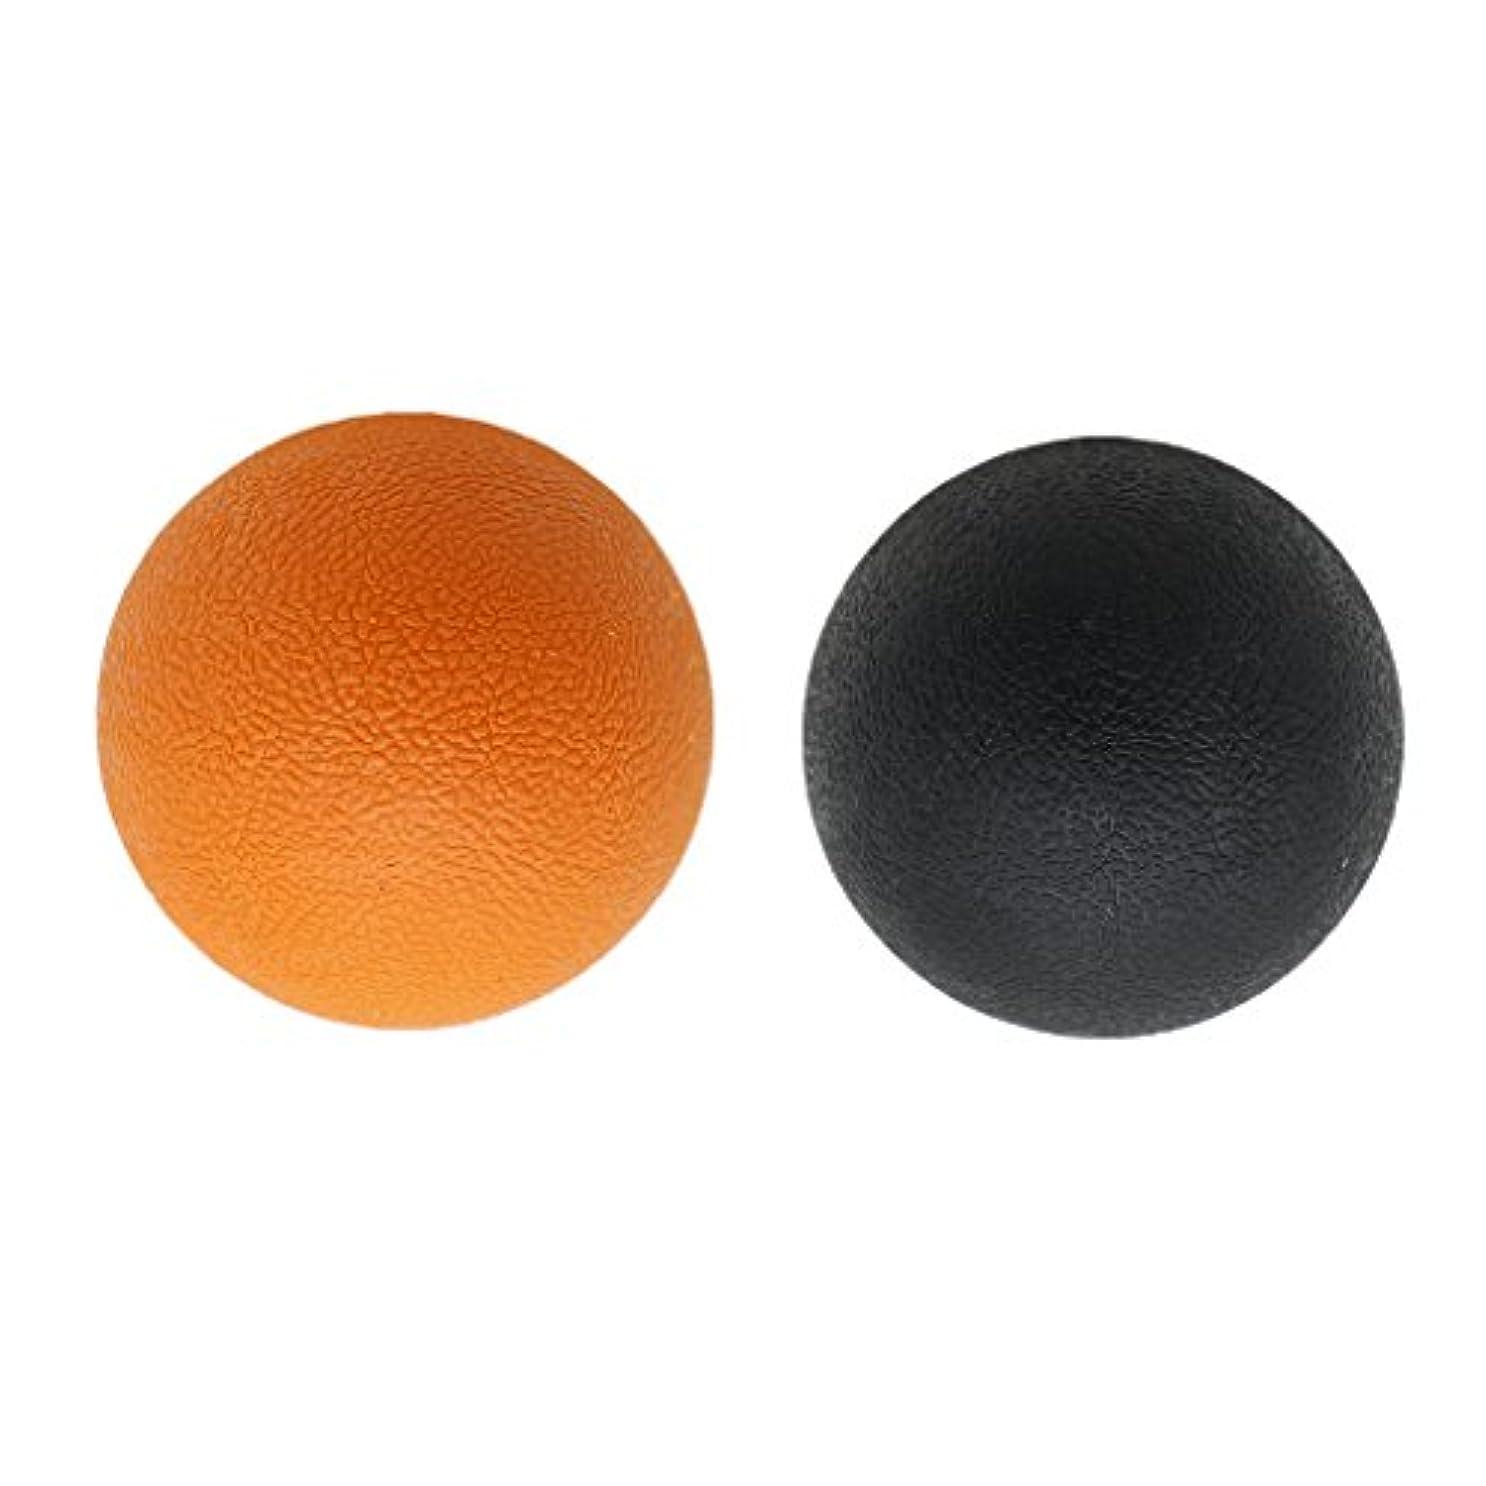 ディレクター縞模様のニュージーランドBaoblaze 2個 マッサージボール ラクロスボール トリガ ポイントマッサージ 弾性TPE 多色選べる - オレンジブラック